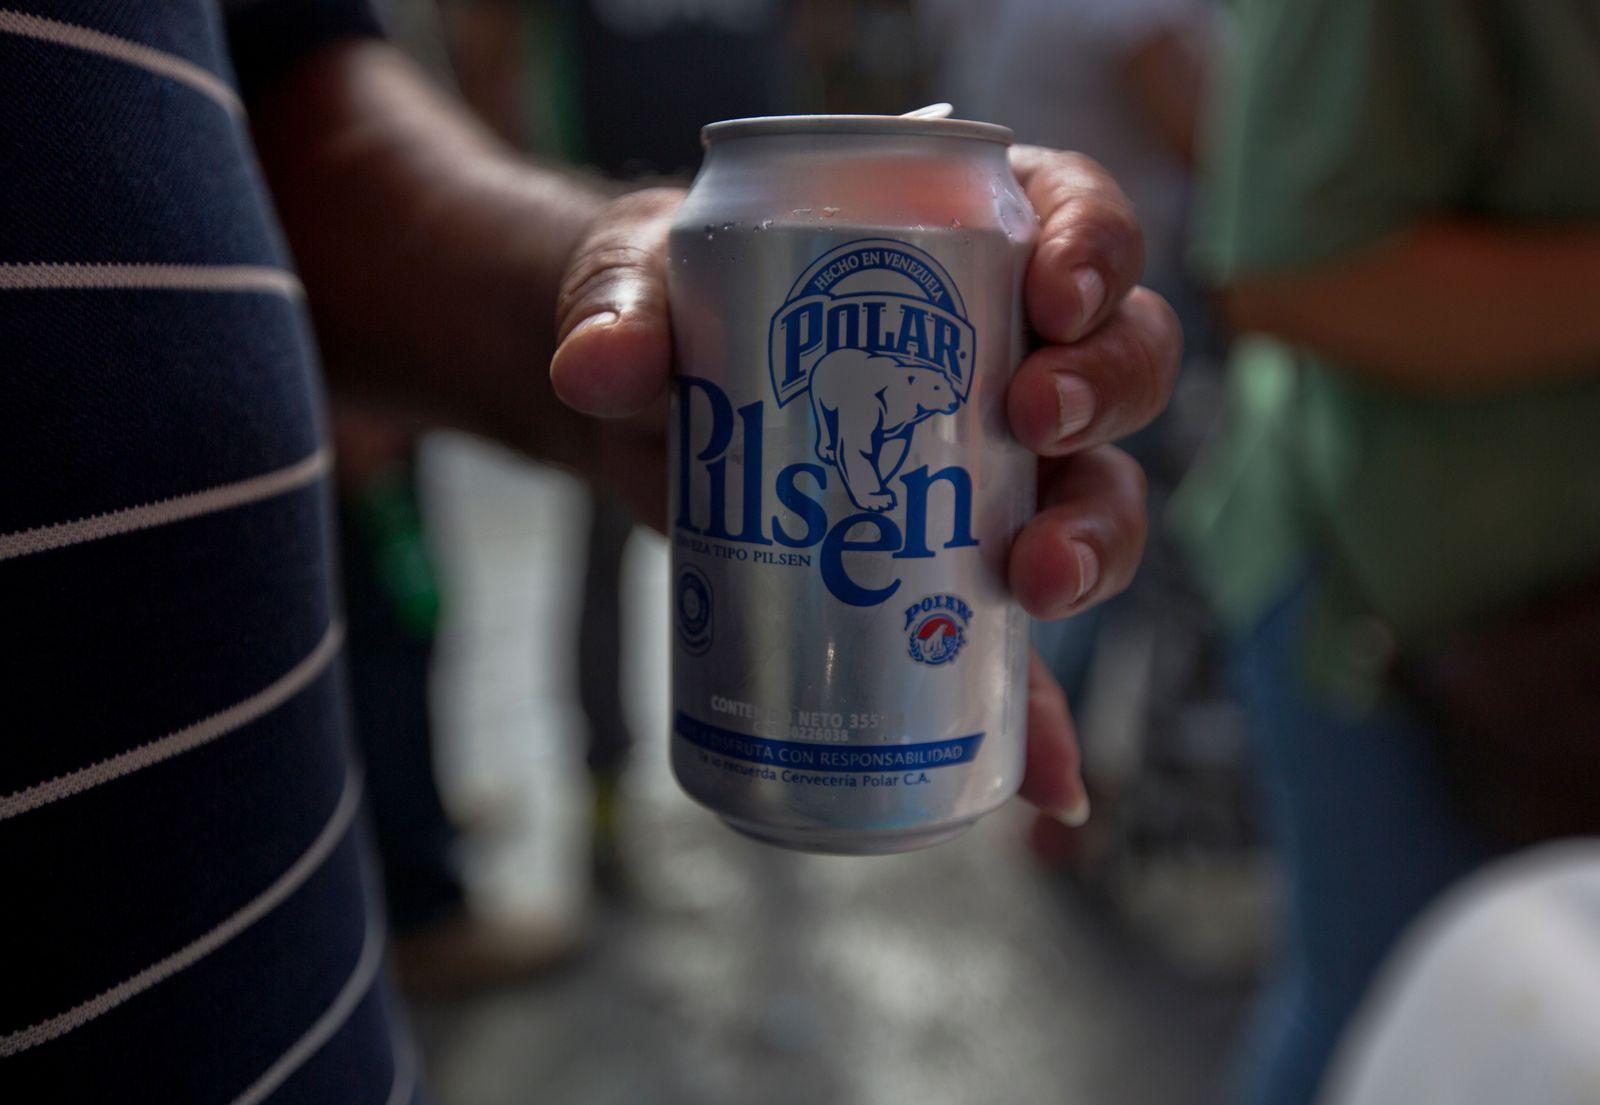 Cerveceria Polar / Venezuela